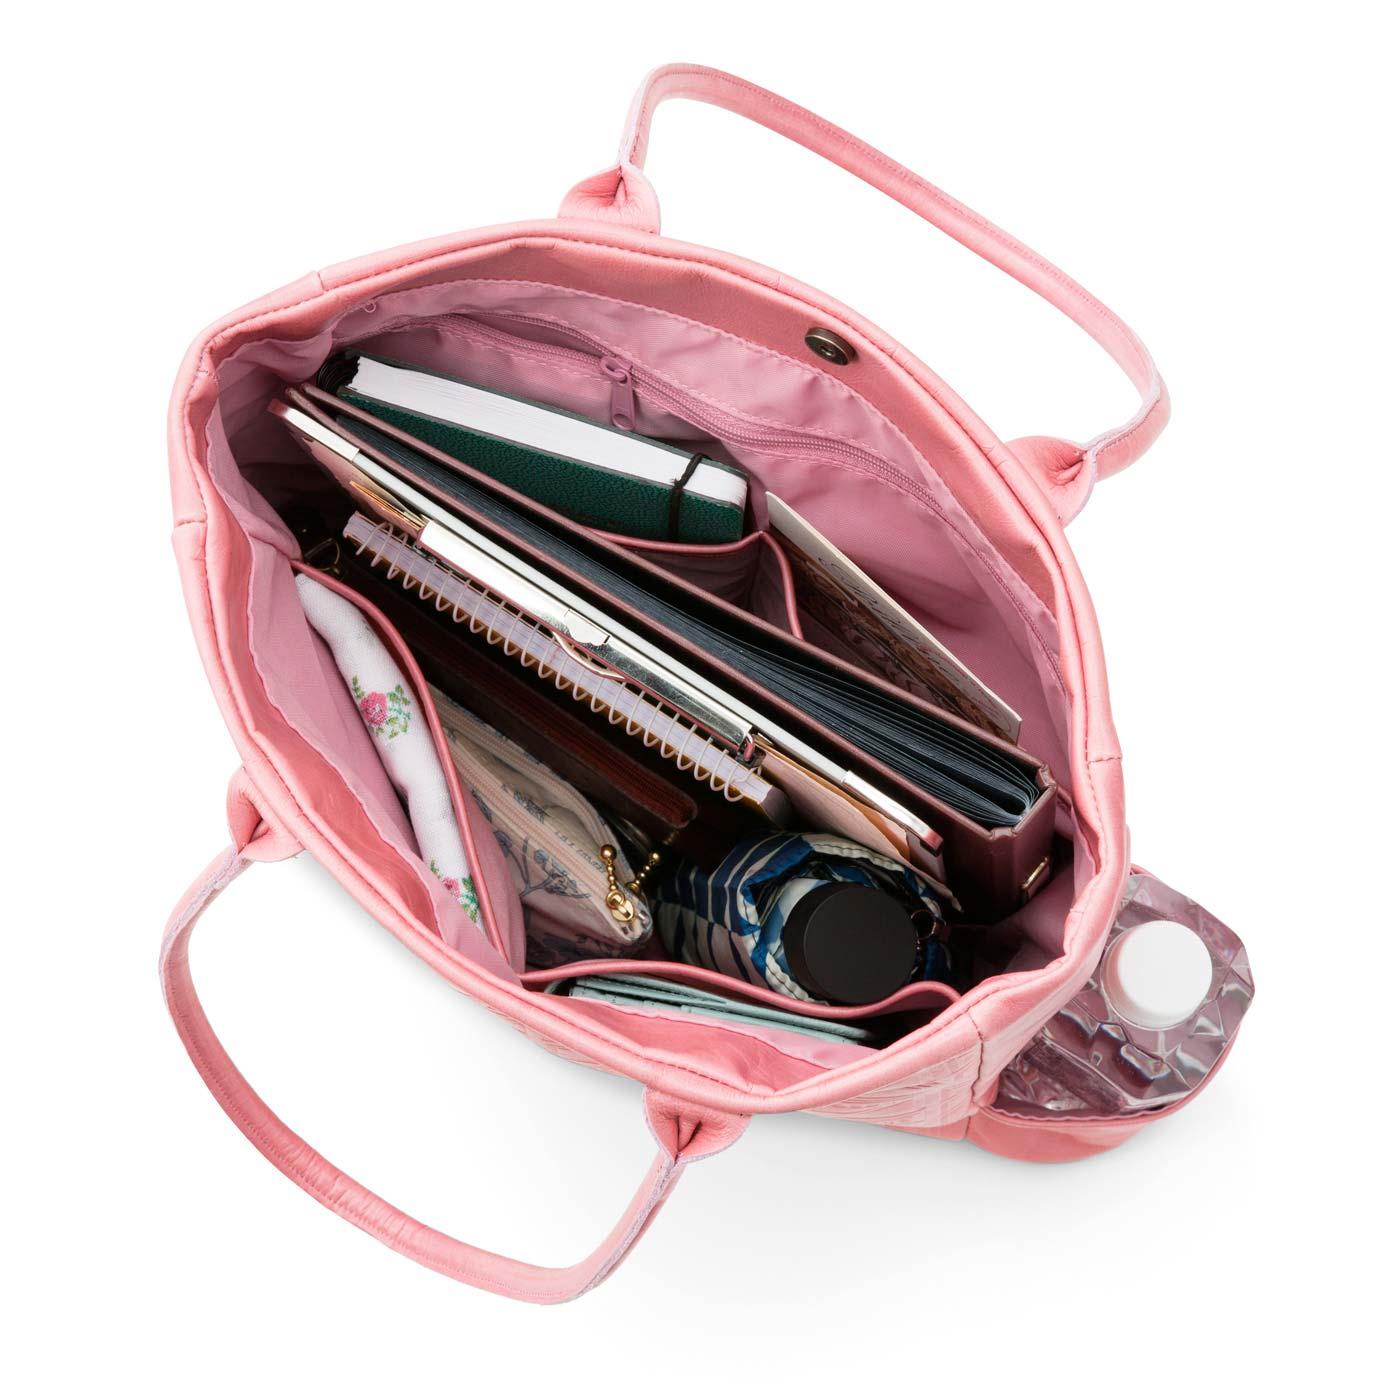 ペットボトル専用の外ポケットは、チョコレートバイヤーならではのアイデア!